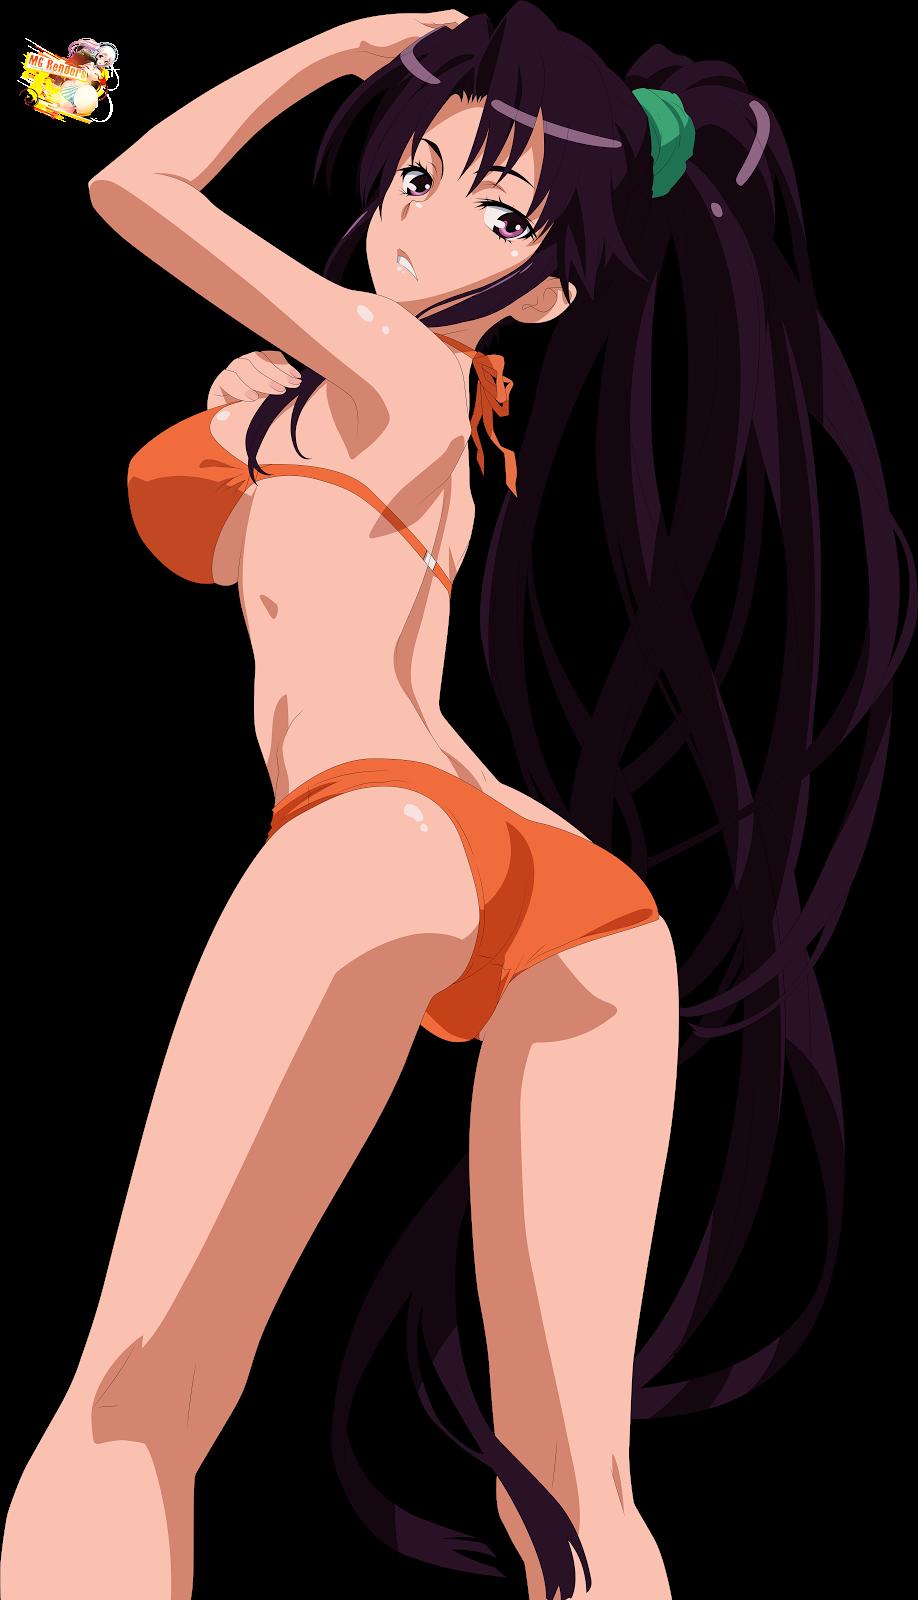 Tags: Anime, Render,  Kanzaki Kaori,  To Aru Majutsu no Index, To Aru Majutsu no Kinsho Mokuroku, A Certain Magic Index, とある魔術の禁書目録, PNG, Image, Picture